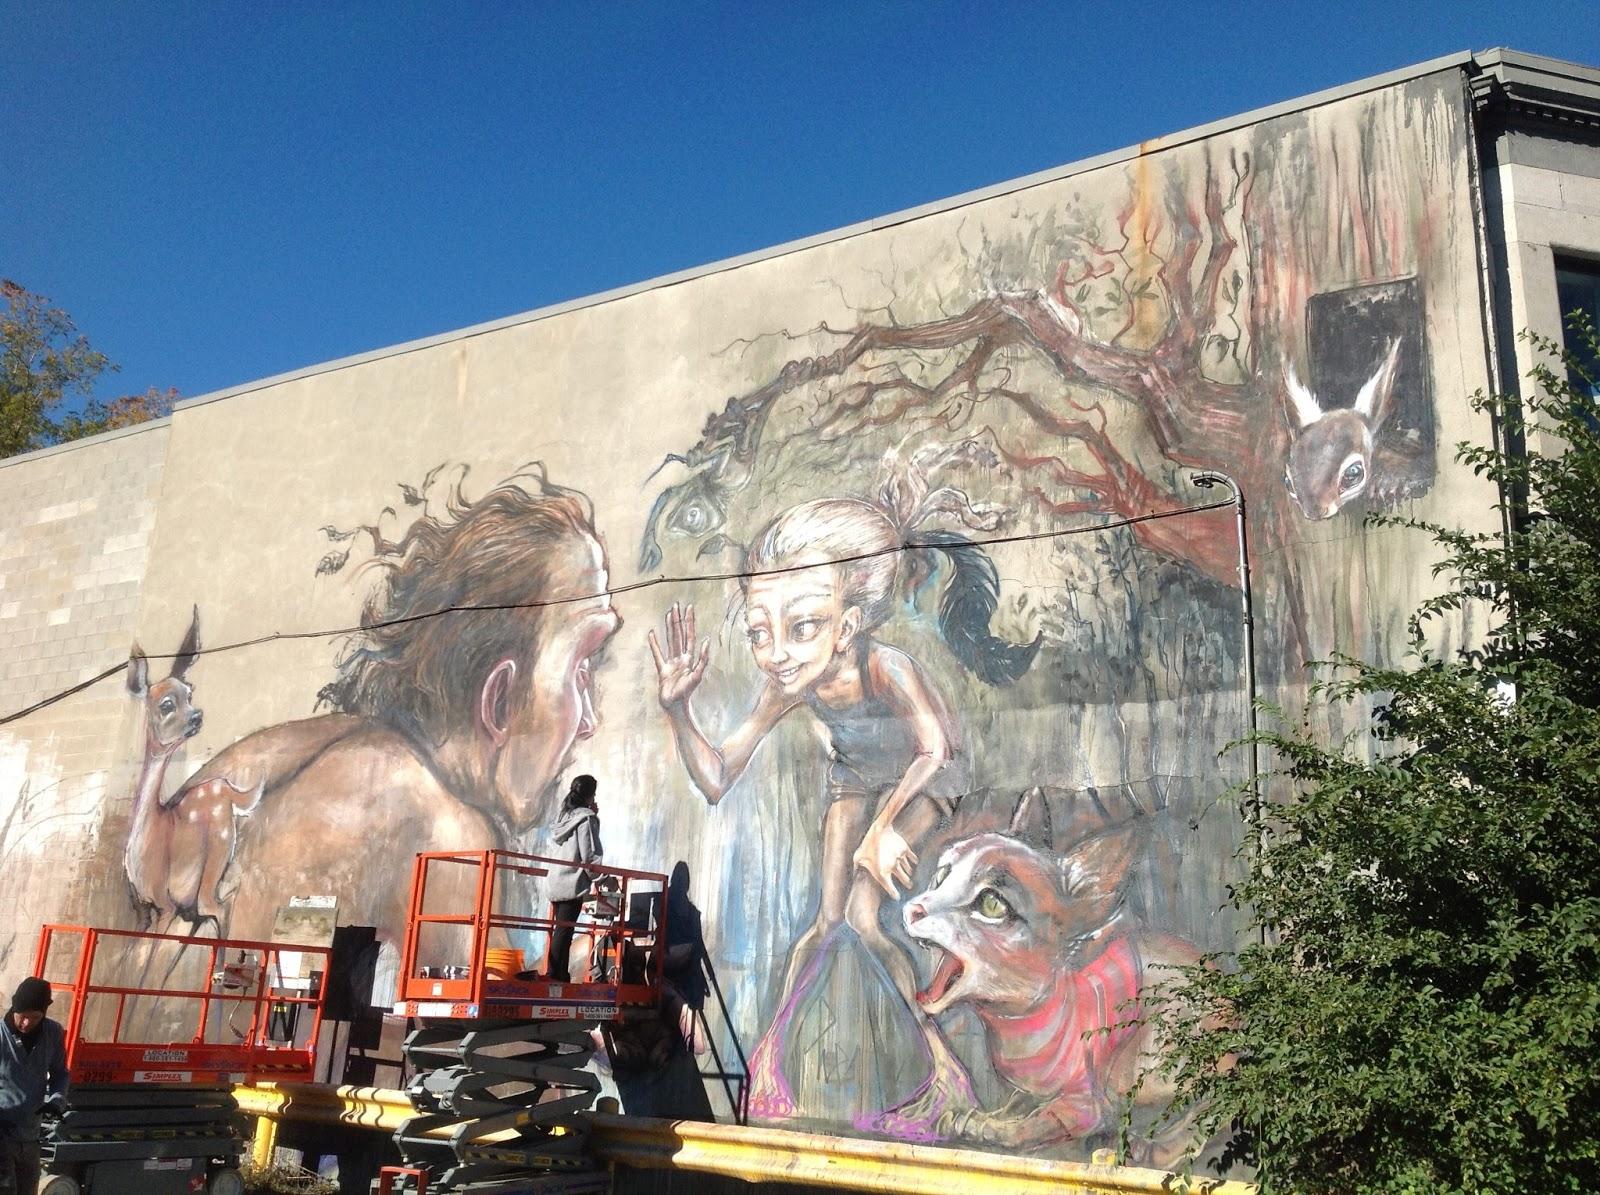 Herakut new mural in montreal canada streetartnews for Art mural montreal